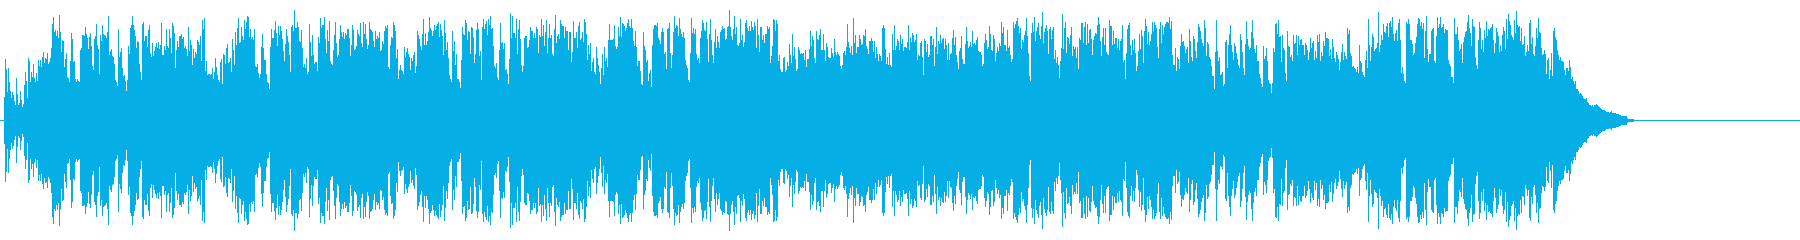 アップテンポスイングのショウタイムジャズの再生済みの波形